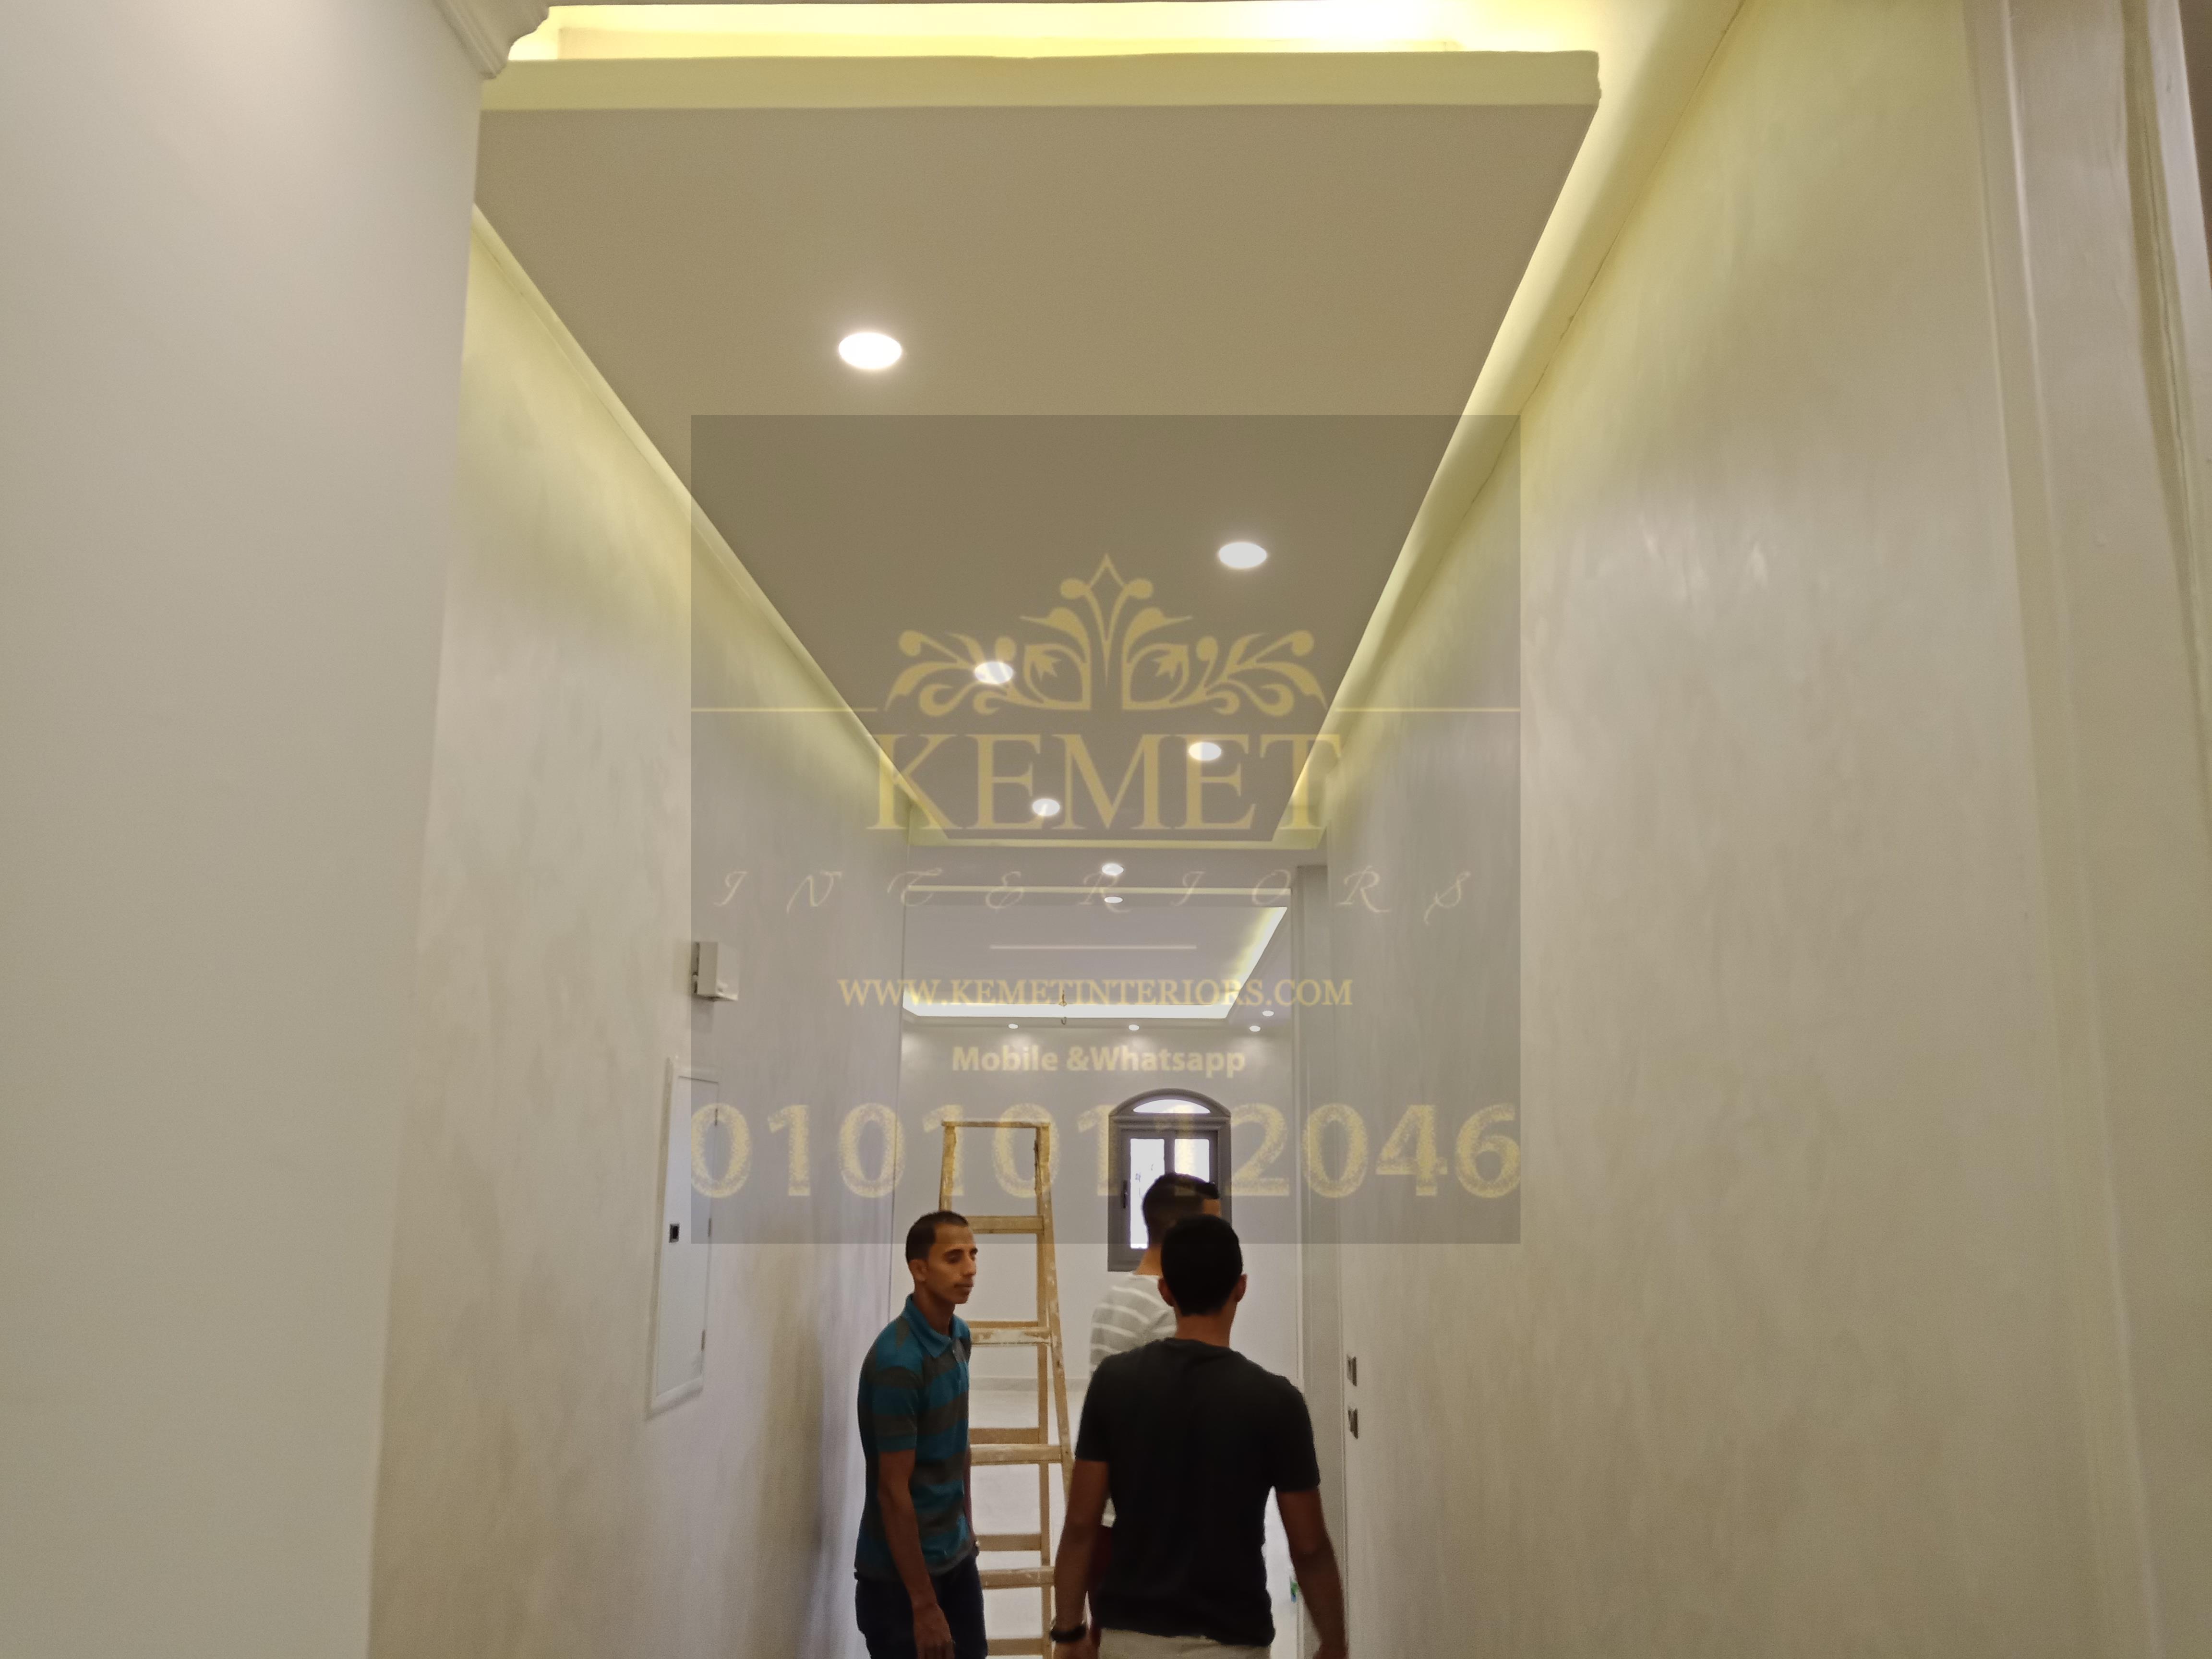 ديكورات جبس بورد اسقف راقيه بسيطة 2020 Kemet Ceiling C 01010112046